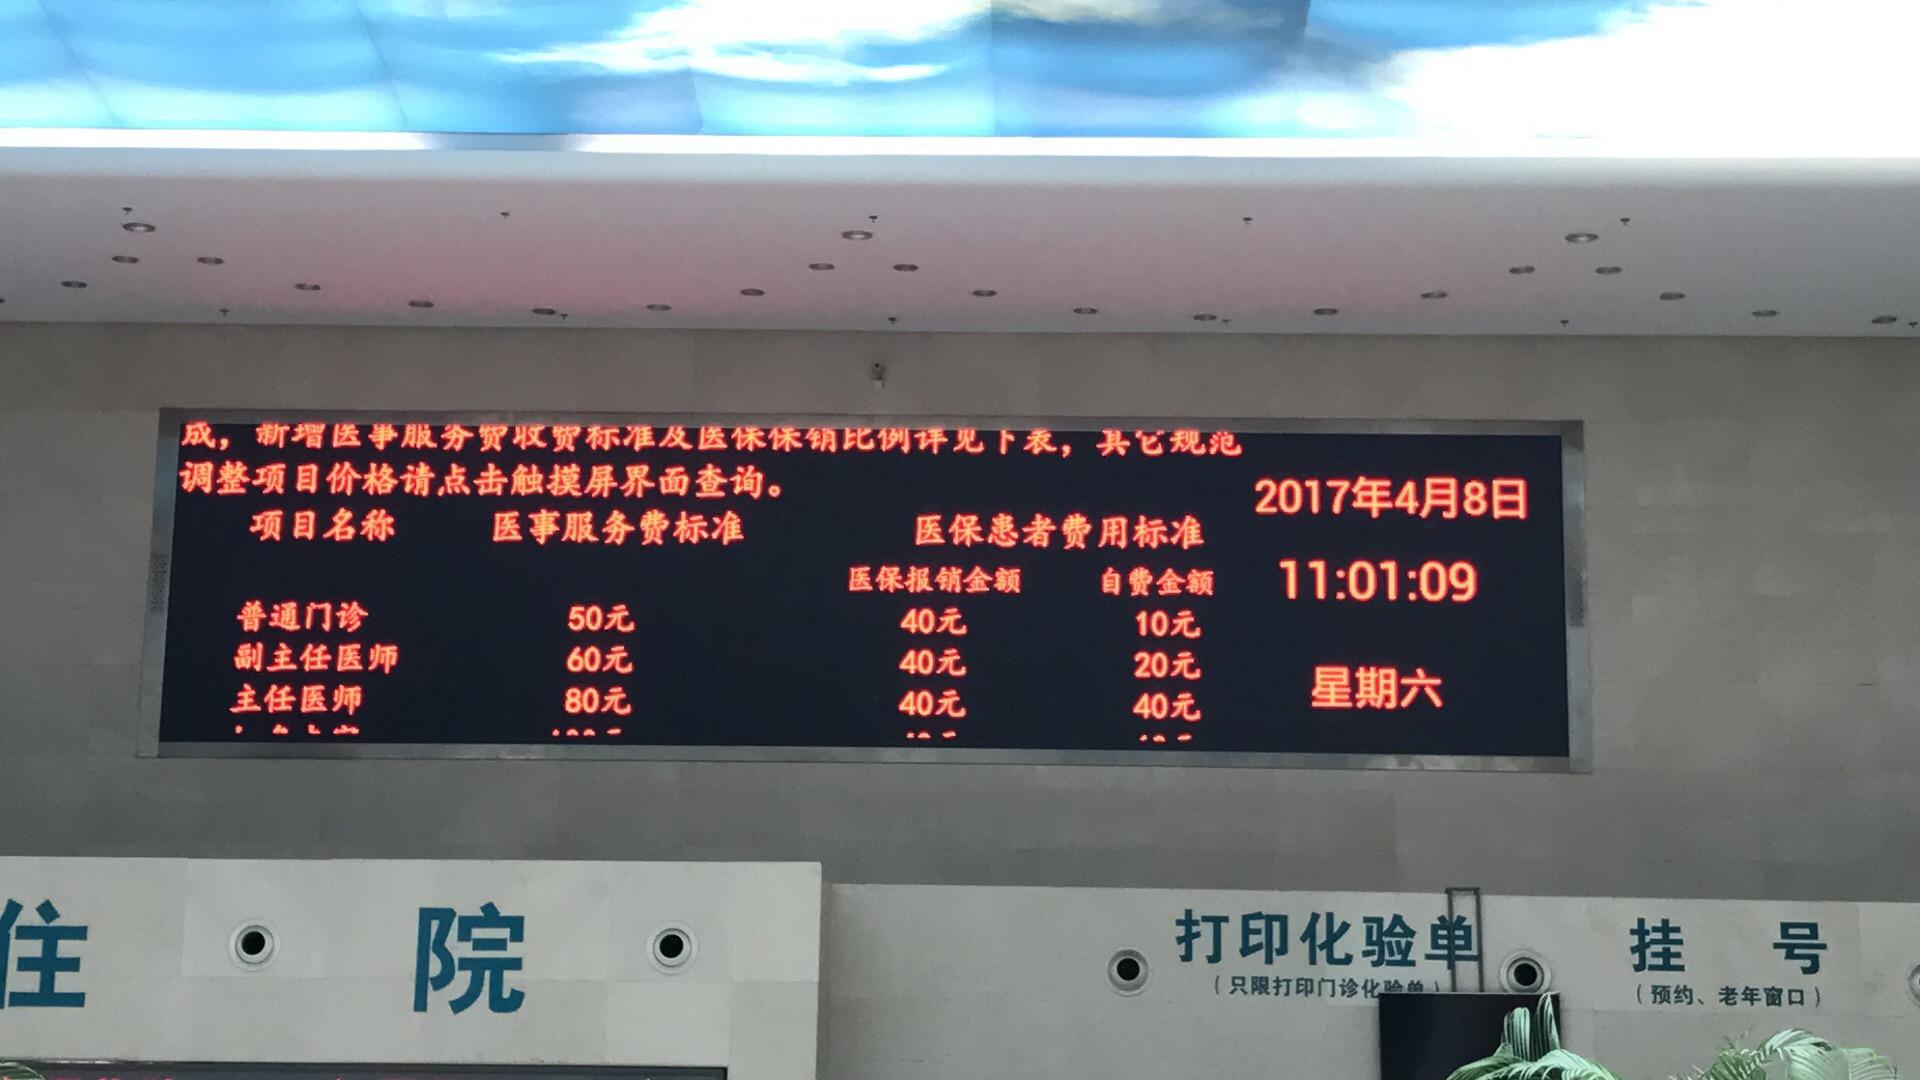 2016年最新北京朝阳医保定点医院名单大全 保险专题新闻 沃...